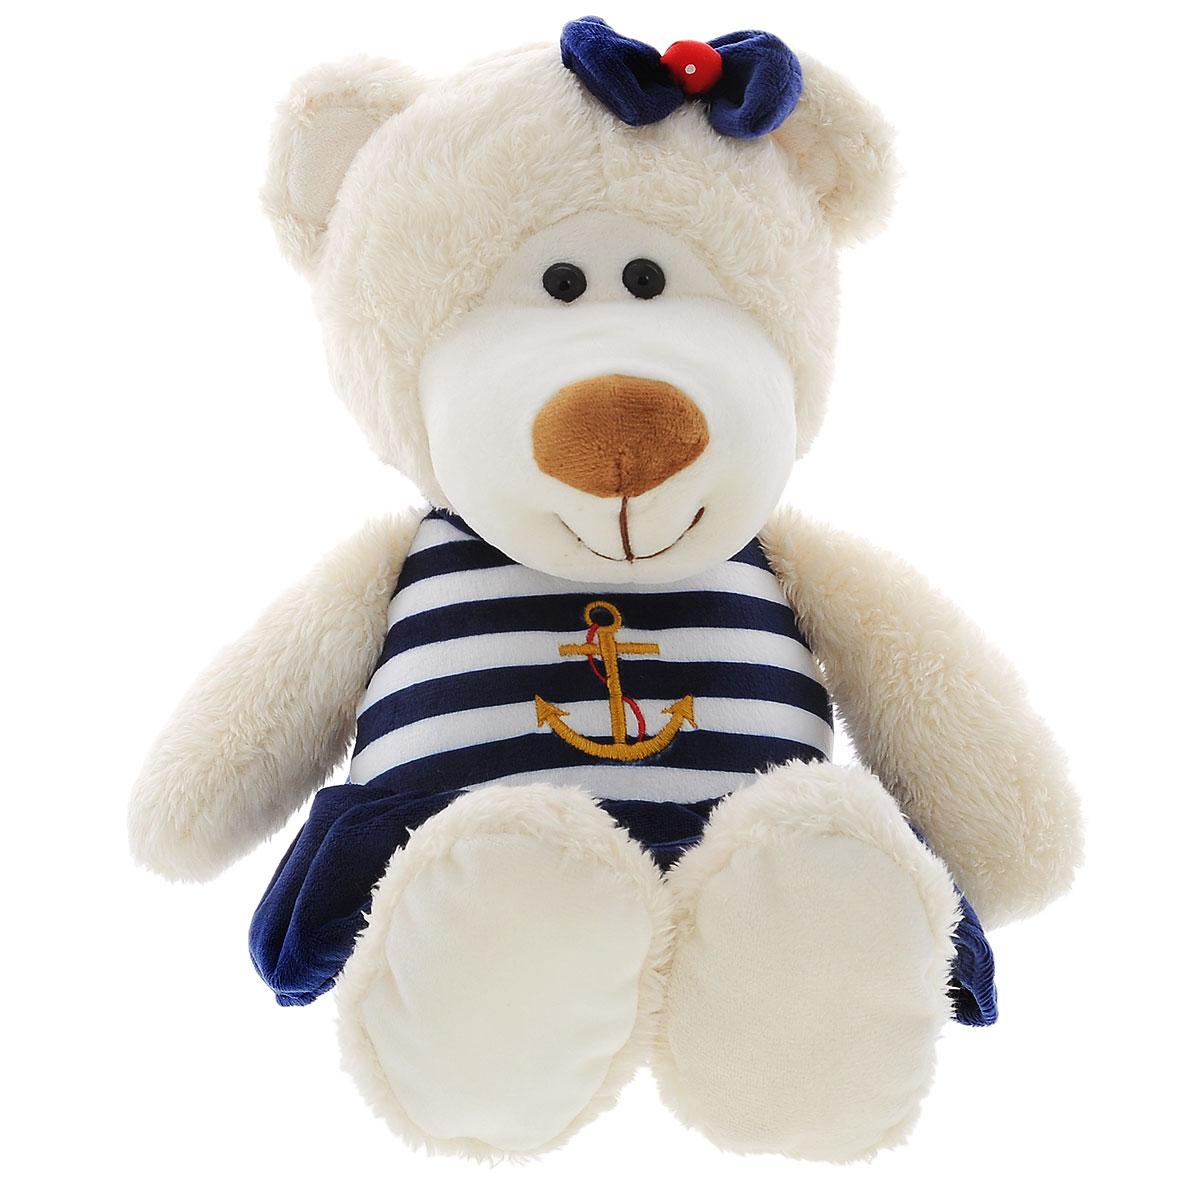 Мягкая игрушка Plush Apple Медведь морячка, 38 смK34124DМягкая игрушка Plush Apple Медведь морячка выполнена в виде трогательного медвежонка. Игрушка изготовлена из высококачественных текстильных материалов. Медвежонок одет в платье морского стиля с изображением якоря. Глазки выполнены из пластика. Небольшие размеры позволят малышу всюду брать ее с собой - на прогулку, в детский сад или в поездку. Такая игрушка вызывает умиление не только у детей, но и у взрослых. Поэтому она станет отличным подарком не только ребенку, но и друзьям.